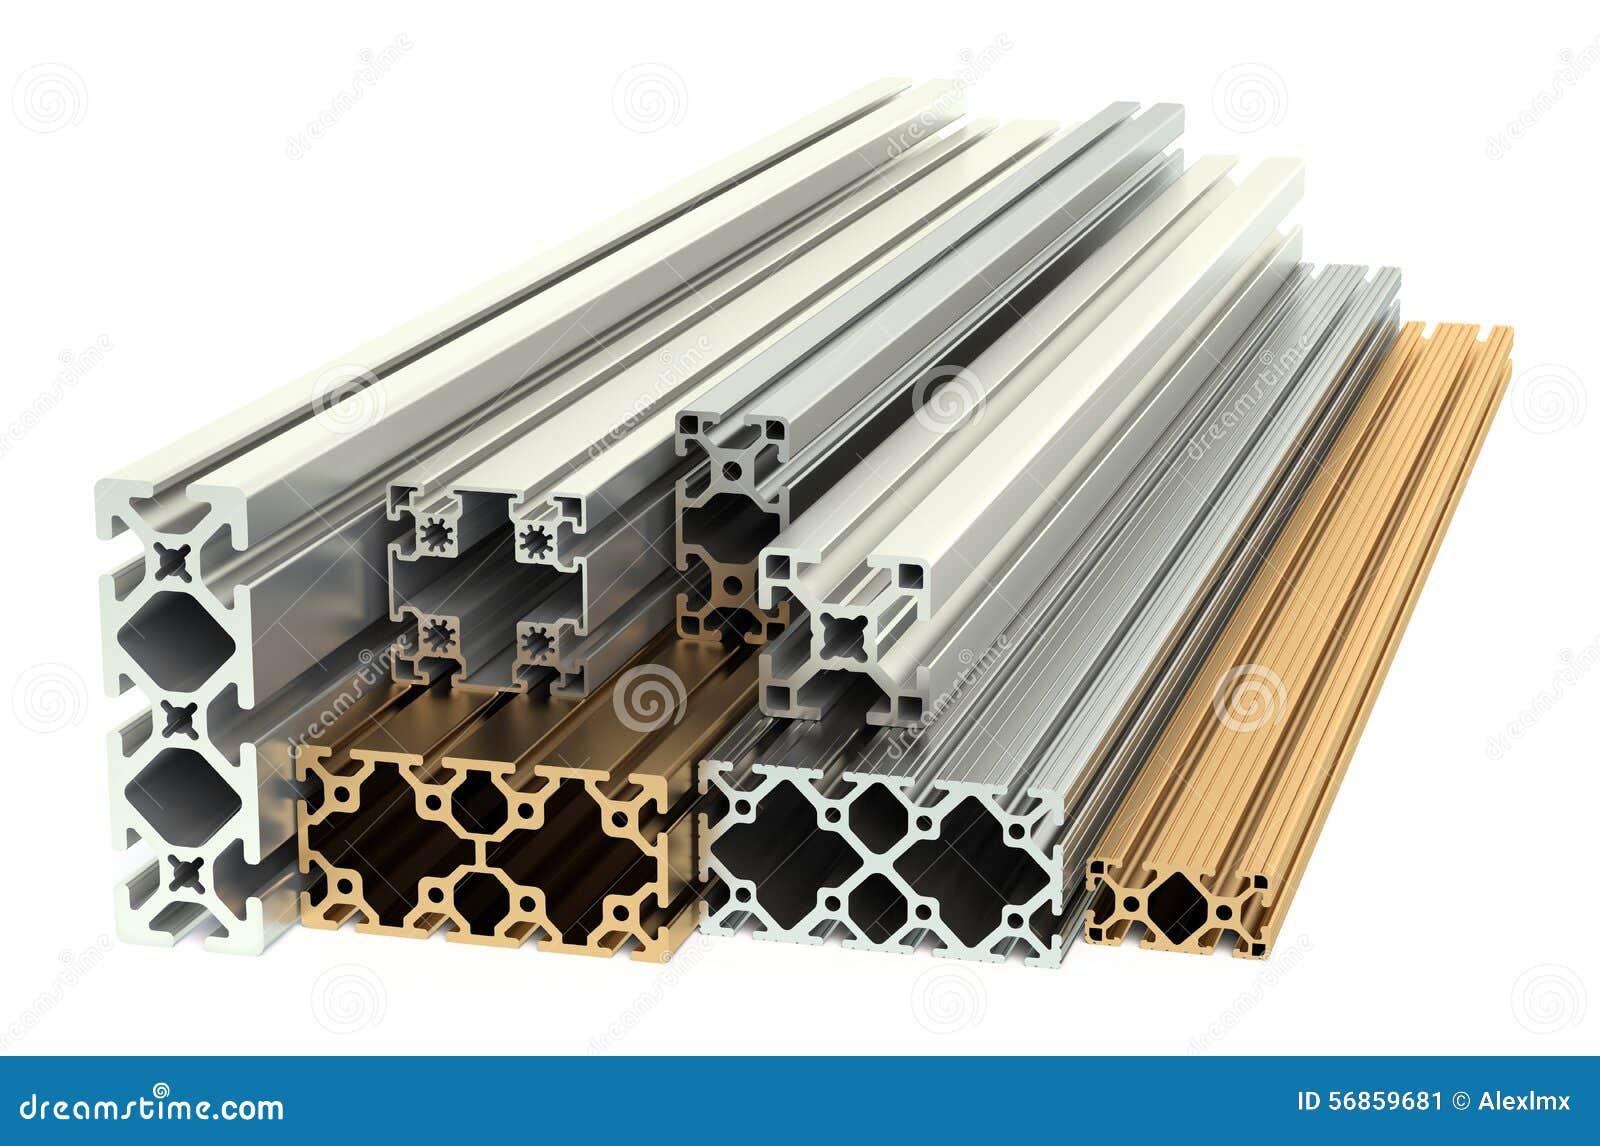 Aluminiumprofiler Och Kopparprofiler Stock Illustrationer - Bild ... : aluminiumprofiler : Inredning